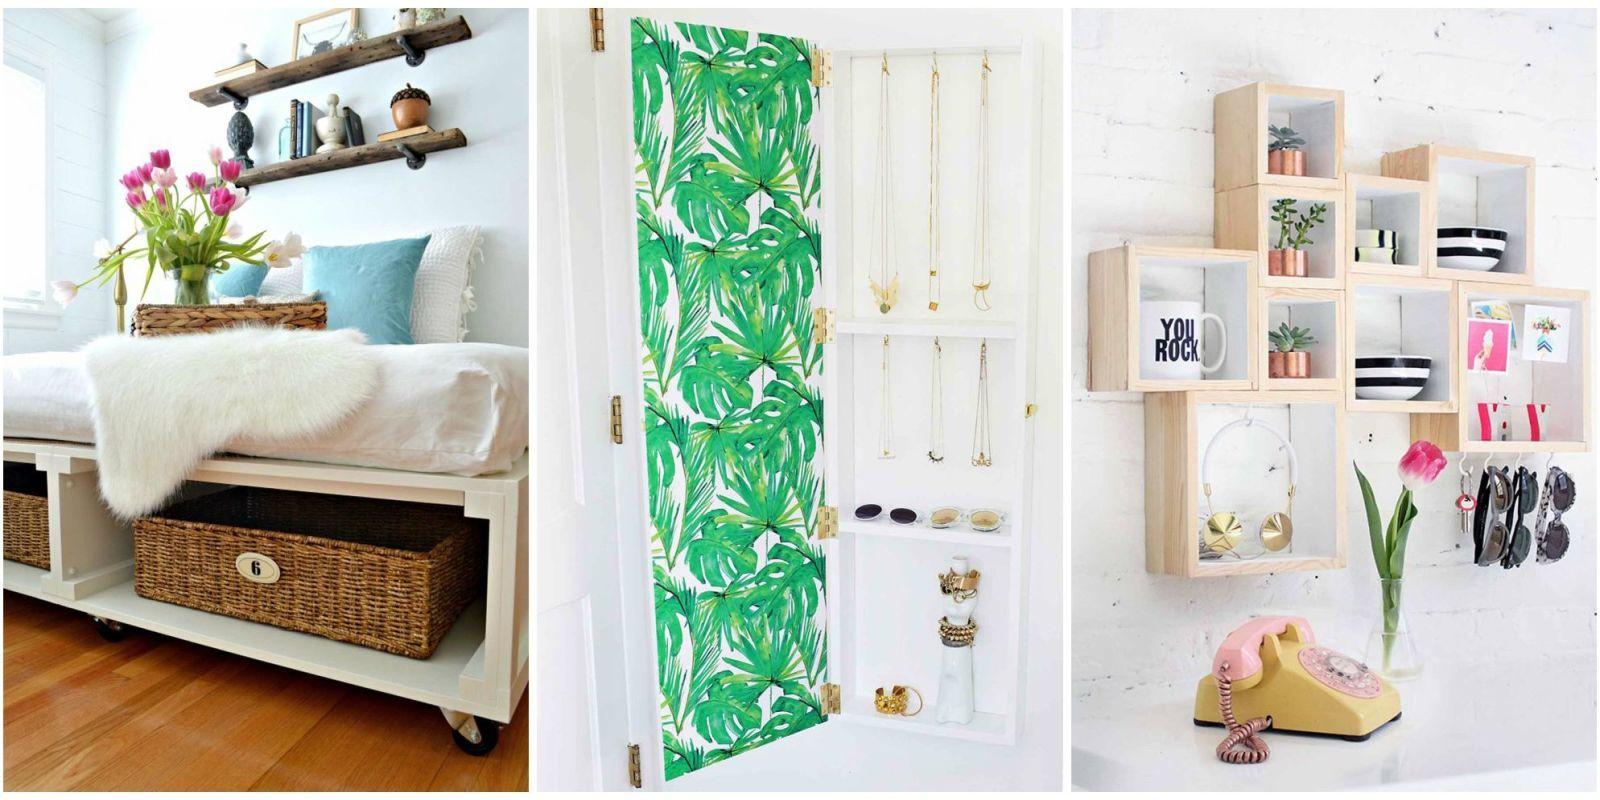 Delightful Bedroom Organization Ideas